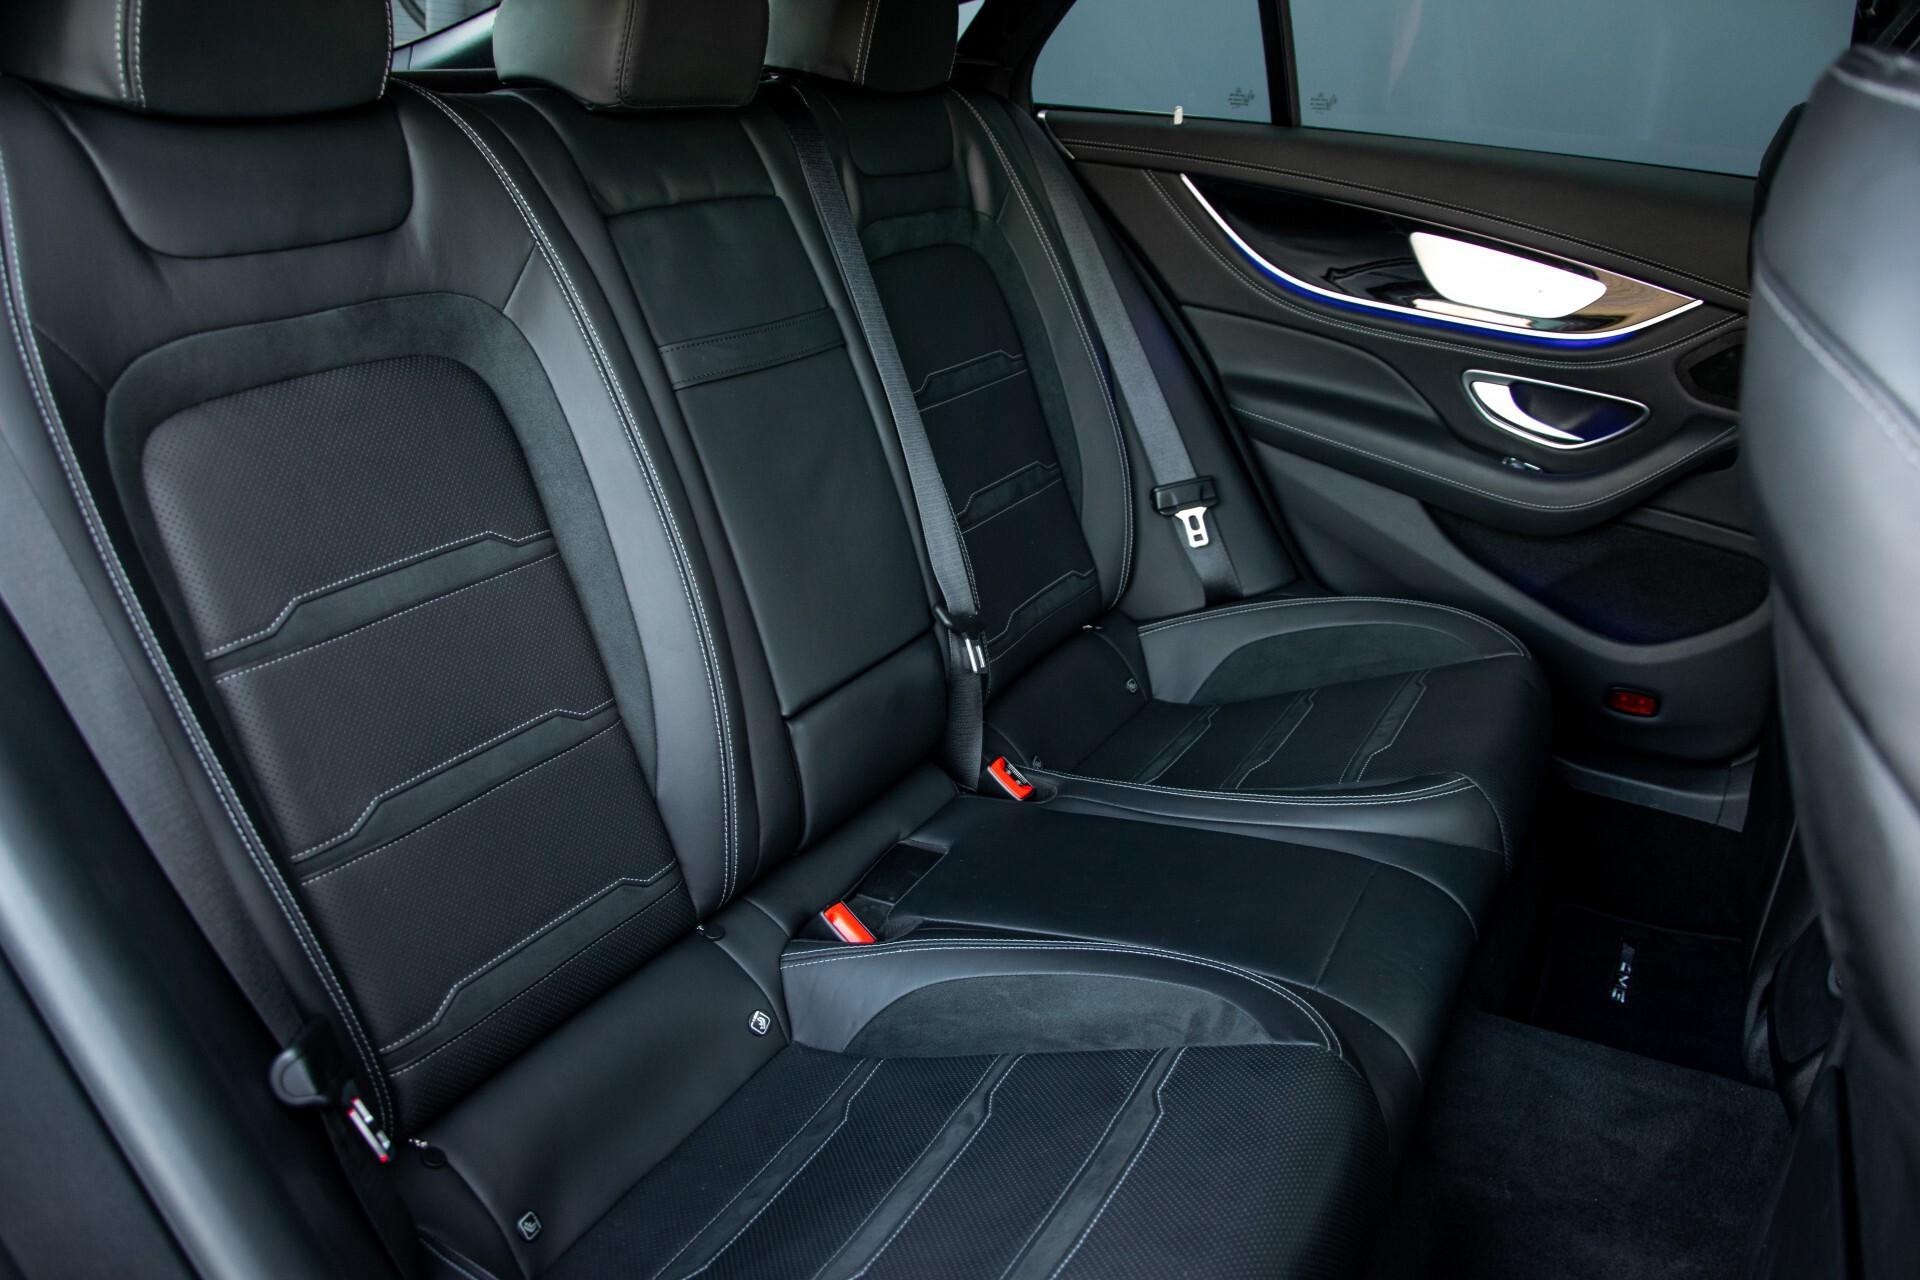 """Mercedes-Benz AMG GT 4-Door Coupe 43 4M+ 21""""/Performance Uitlaat/Massage/Rij-assist/Keyless/Burmester/5-persoons Aut9 Foto 4"""